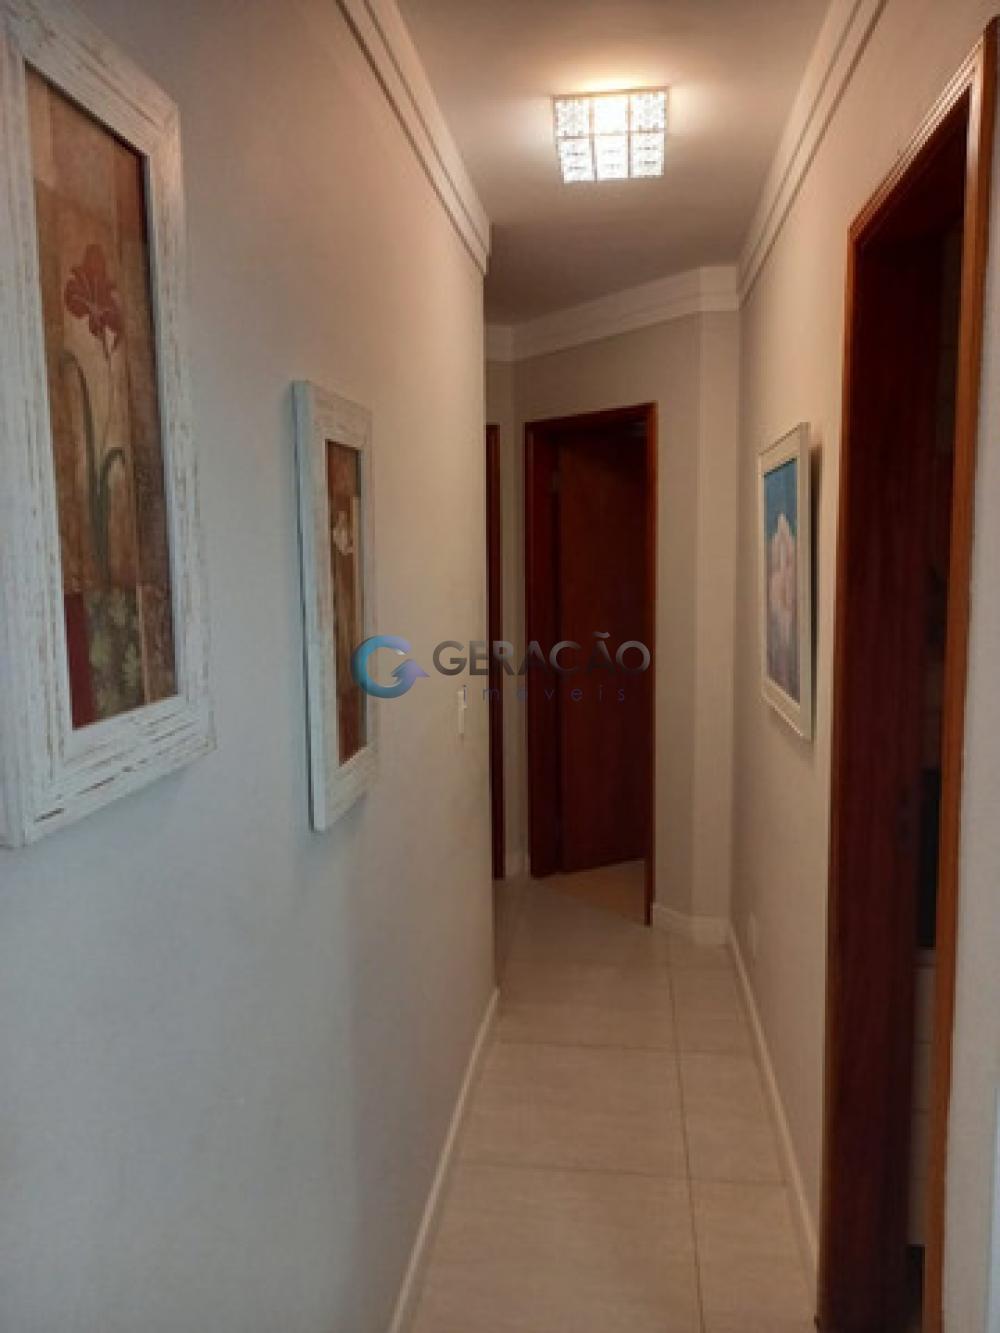 Comprar Apartamento / Padrão em São José dos Campos apenas R$ 445.000,00 - Foto 7